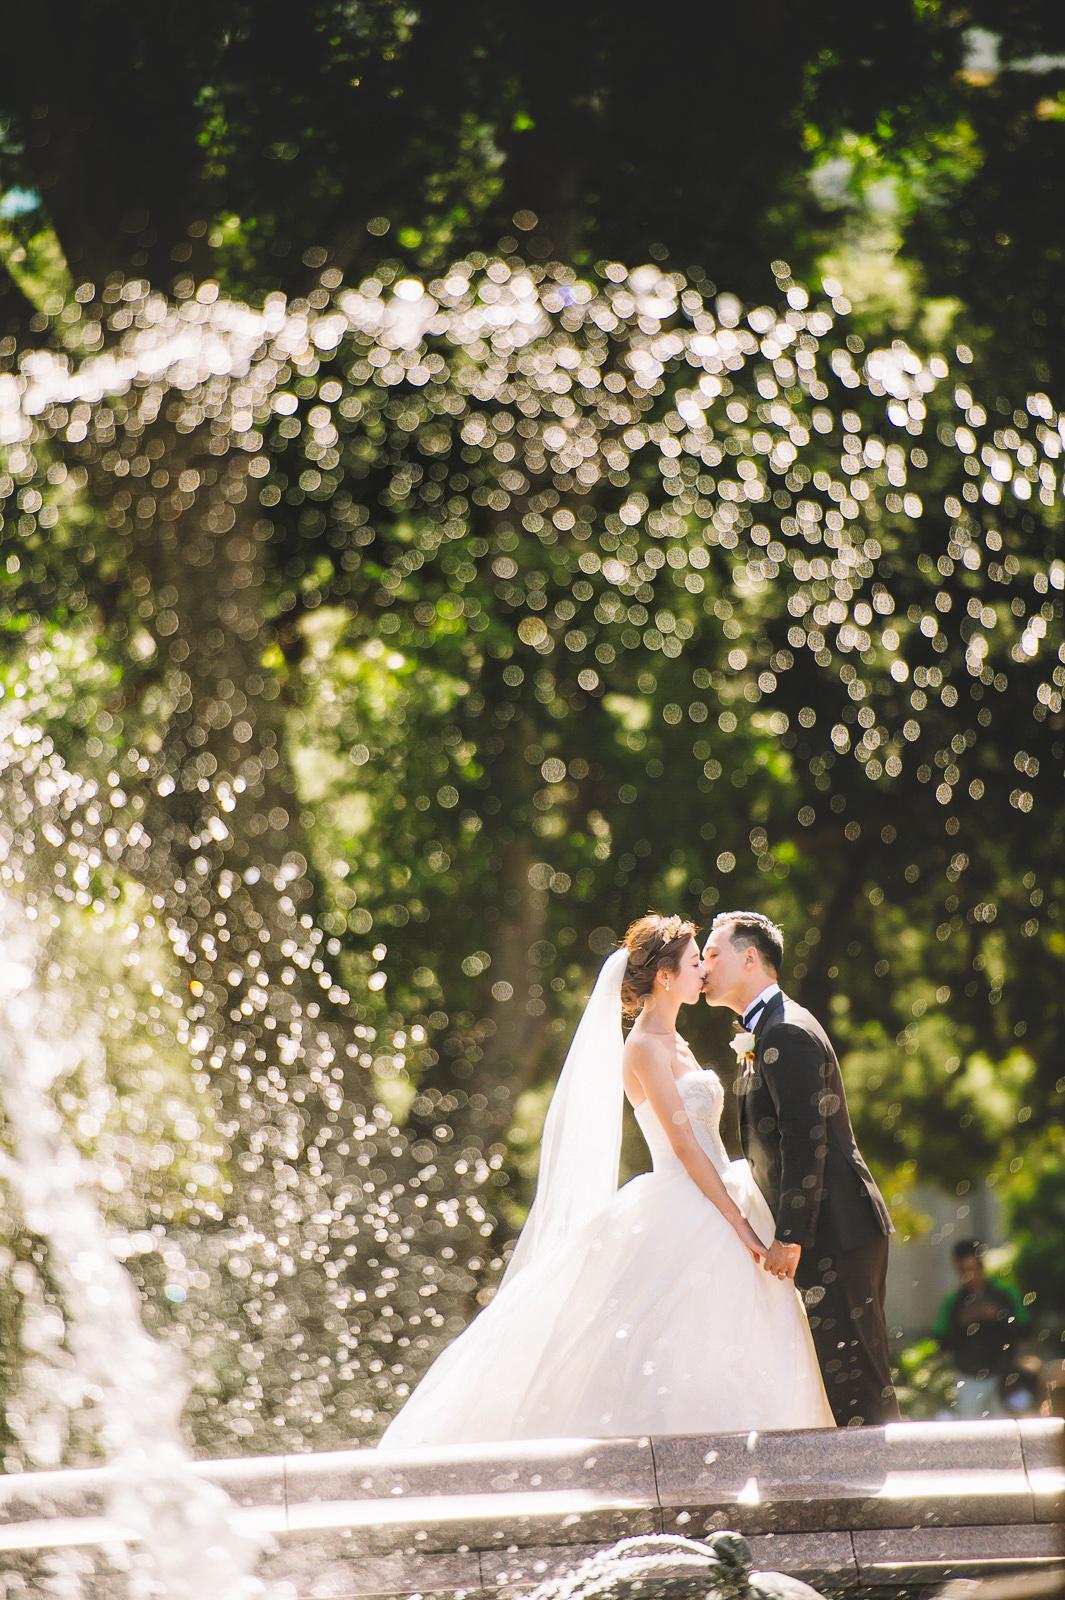 Ian&Jenny 婚礼跟拍